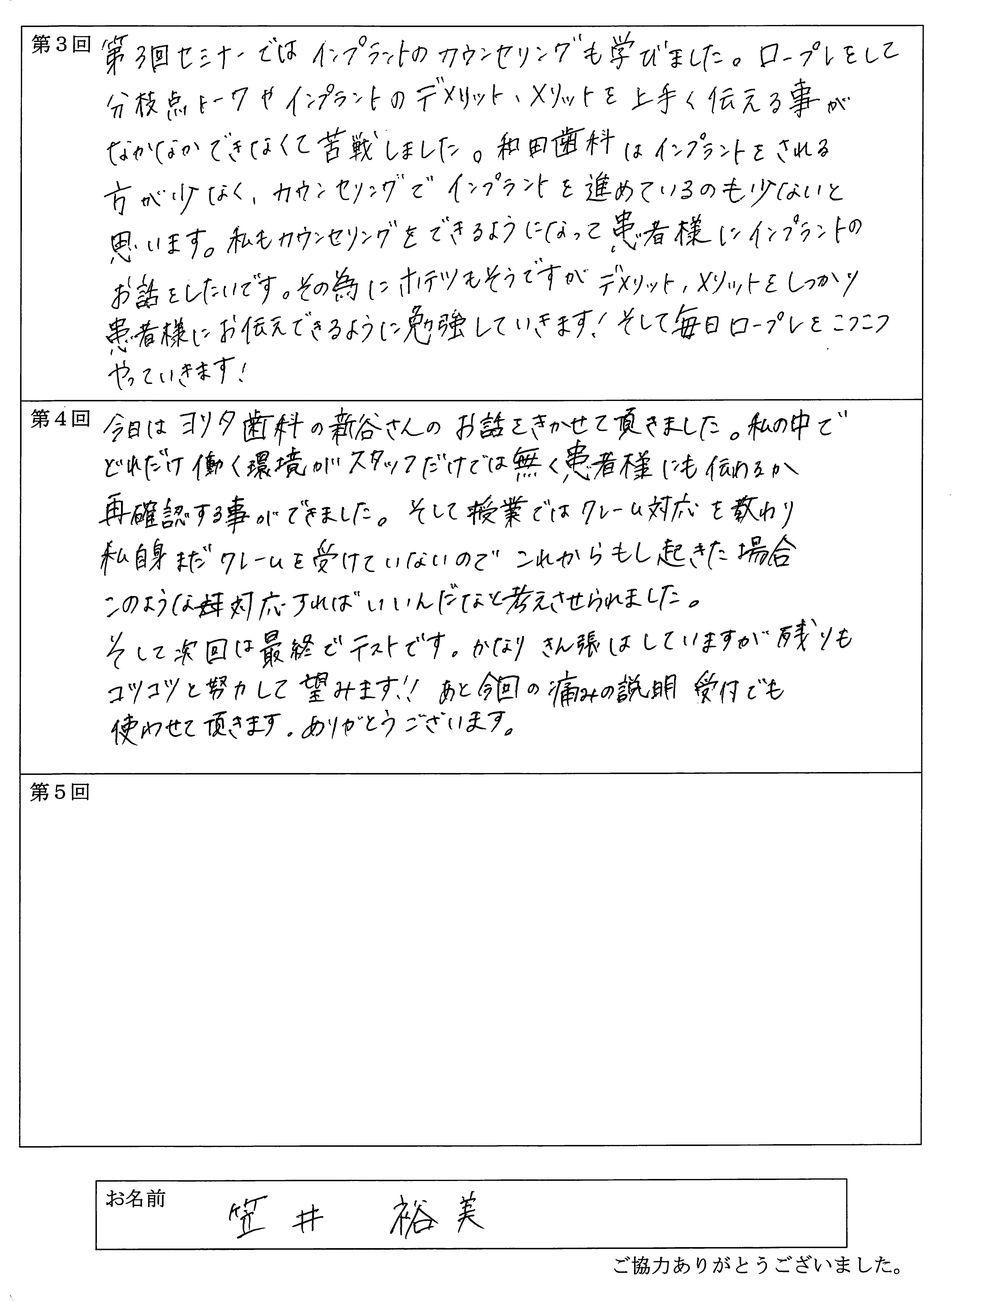 笠井 裕美様アンケート